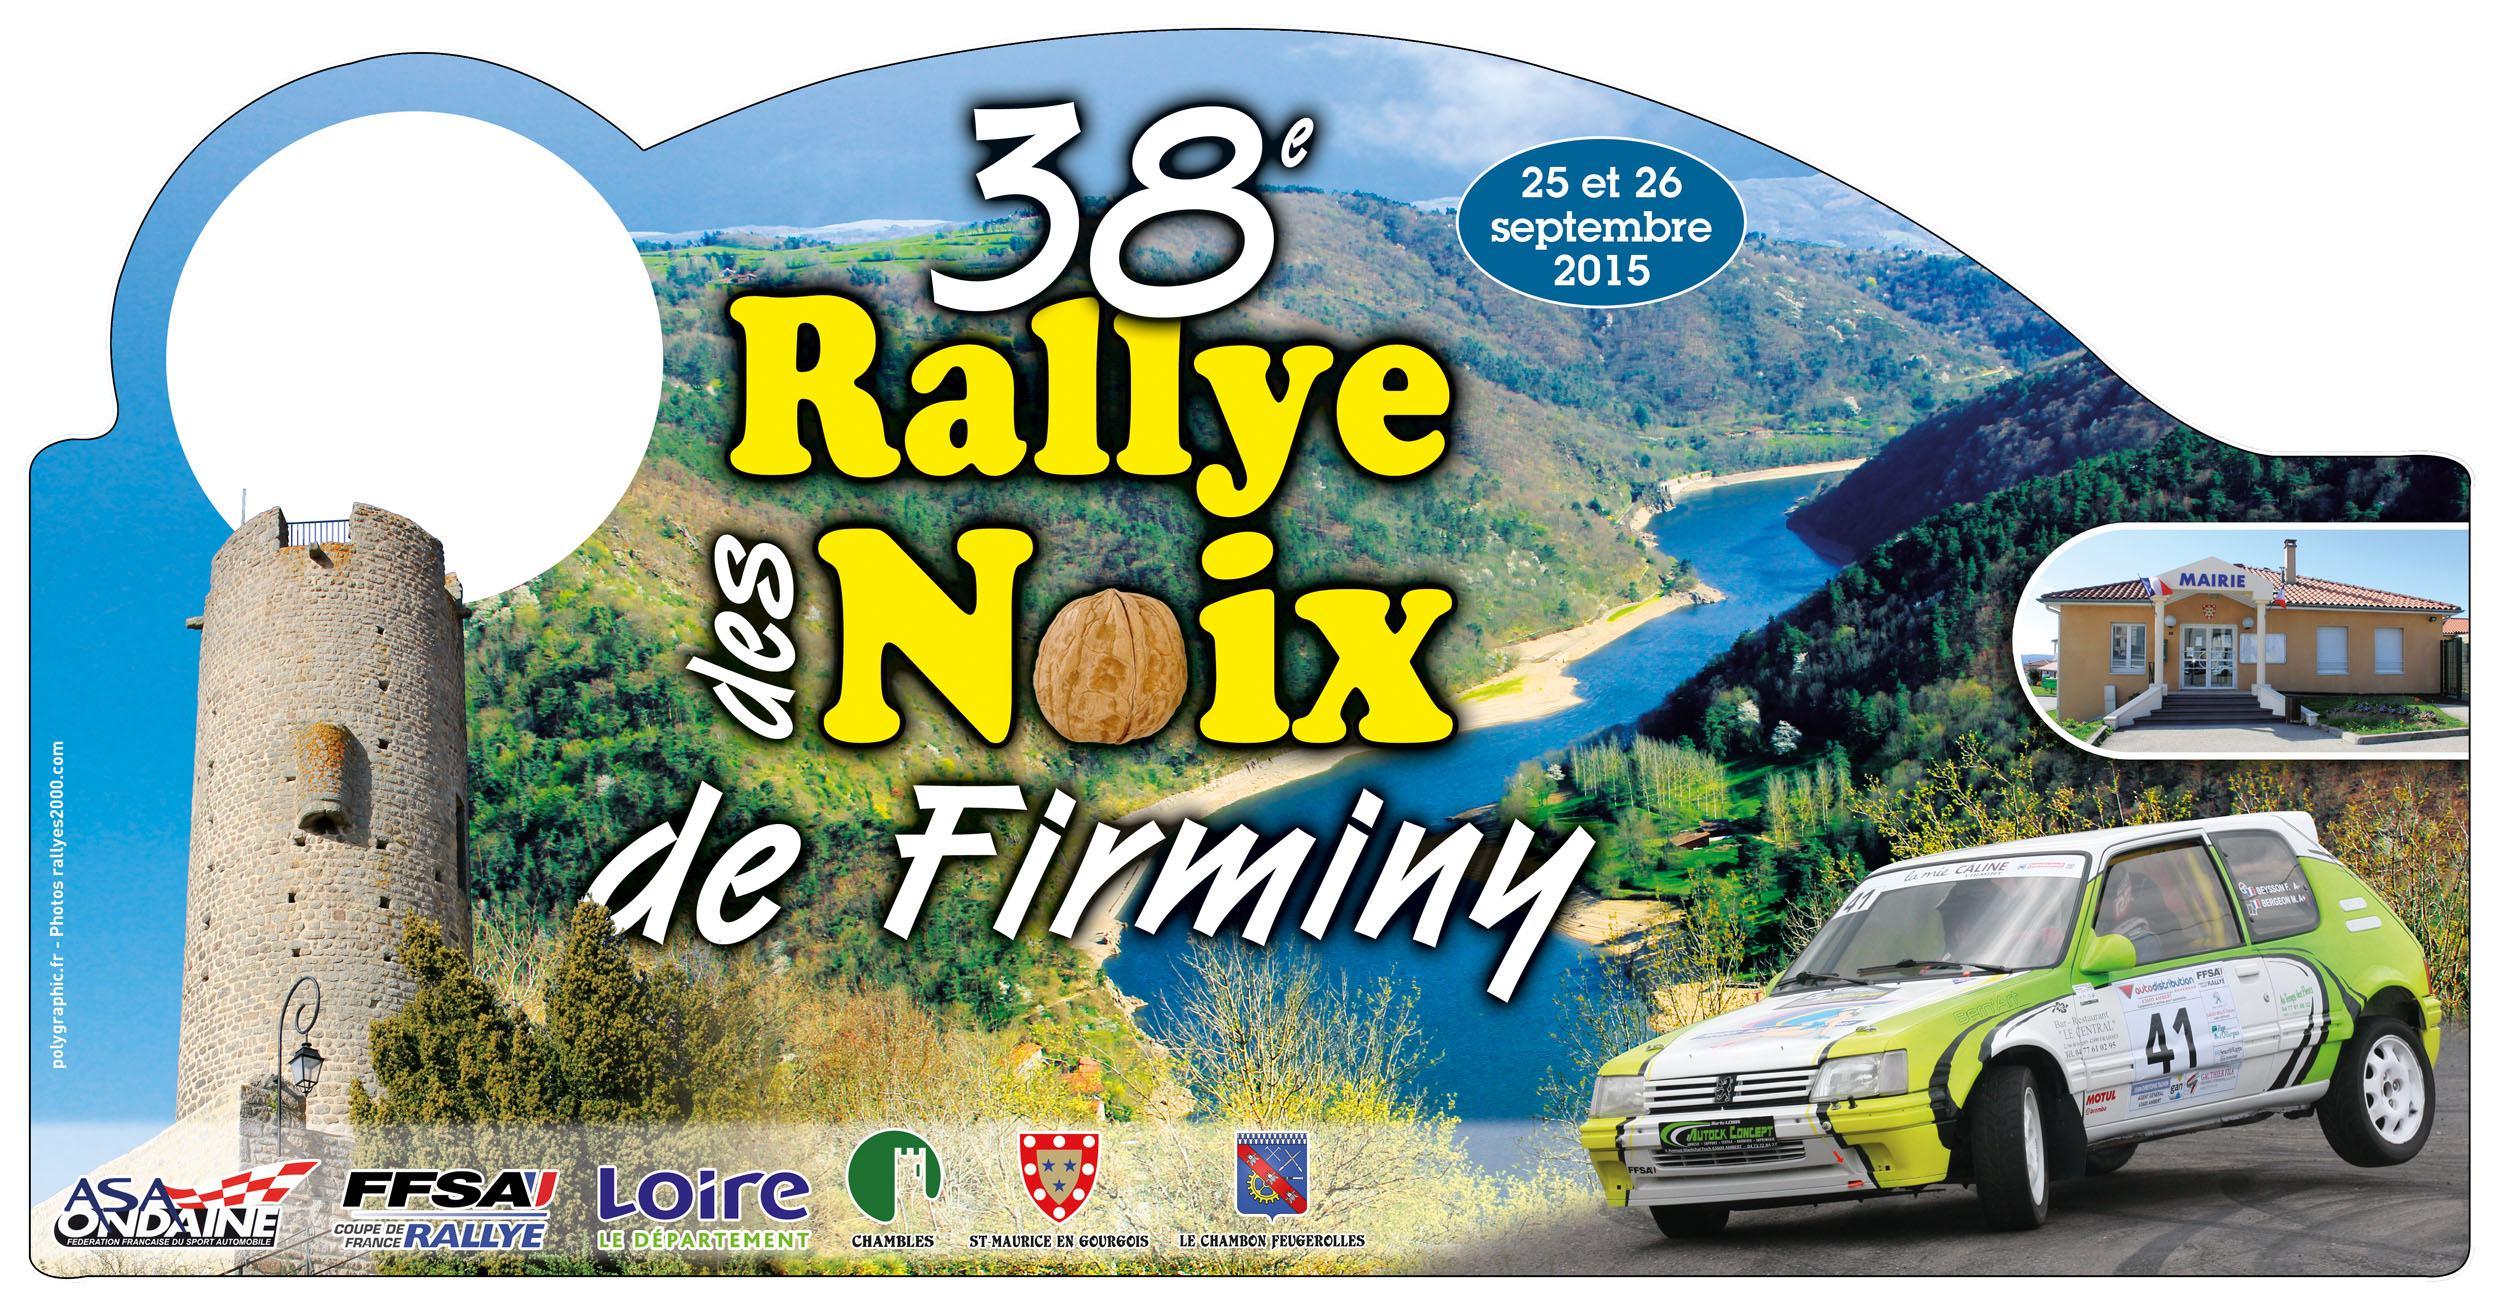 Plaque-Rallye-des-Noix-de-Firminy-2015